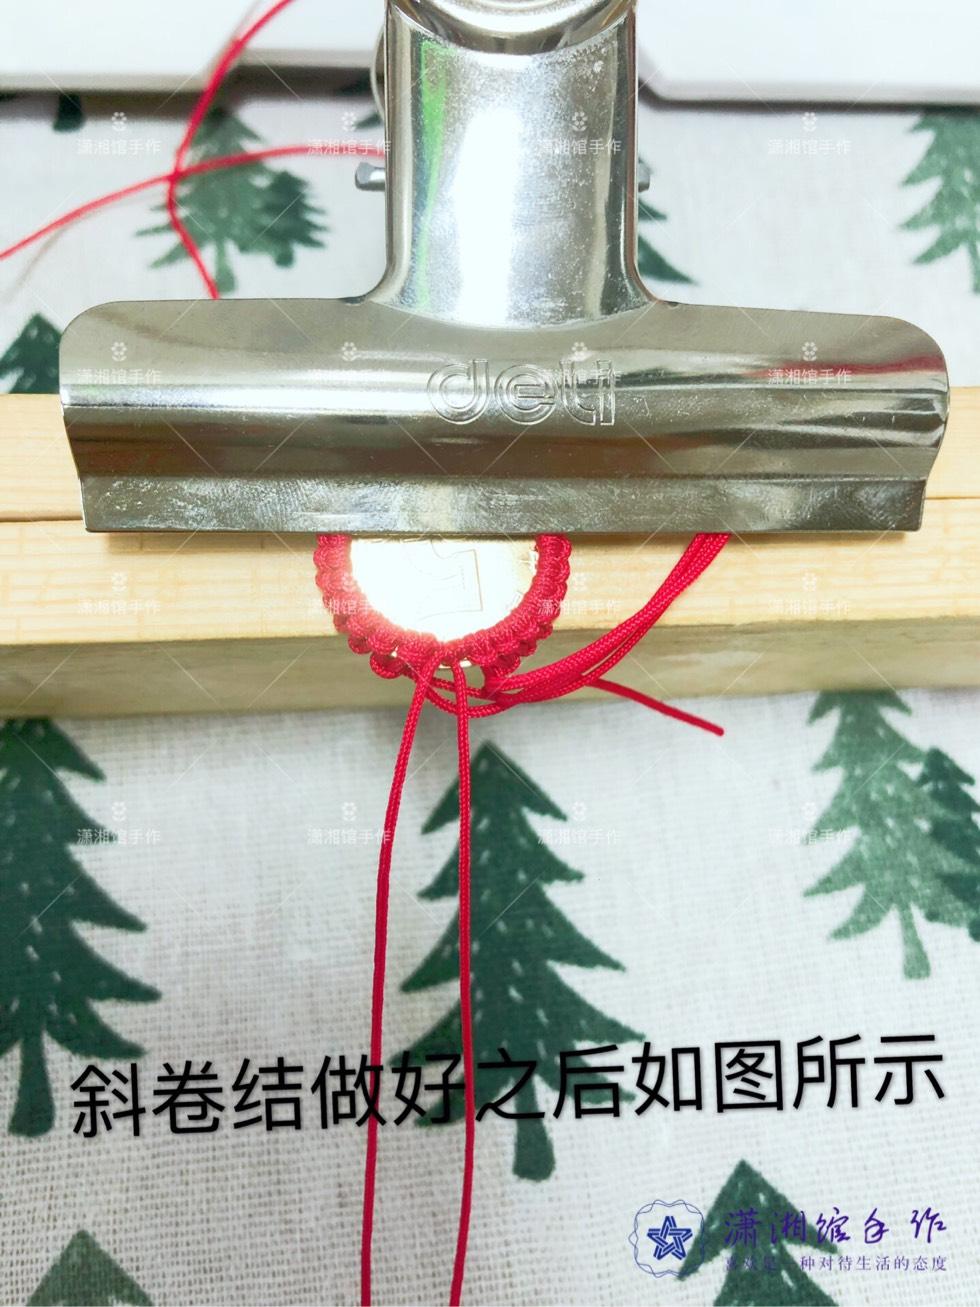 中国结论坛 硬币挂件天使翅膀钥匙扣教程  图文教程区 170041ss5sbp7mmsjvvm52